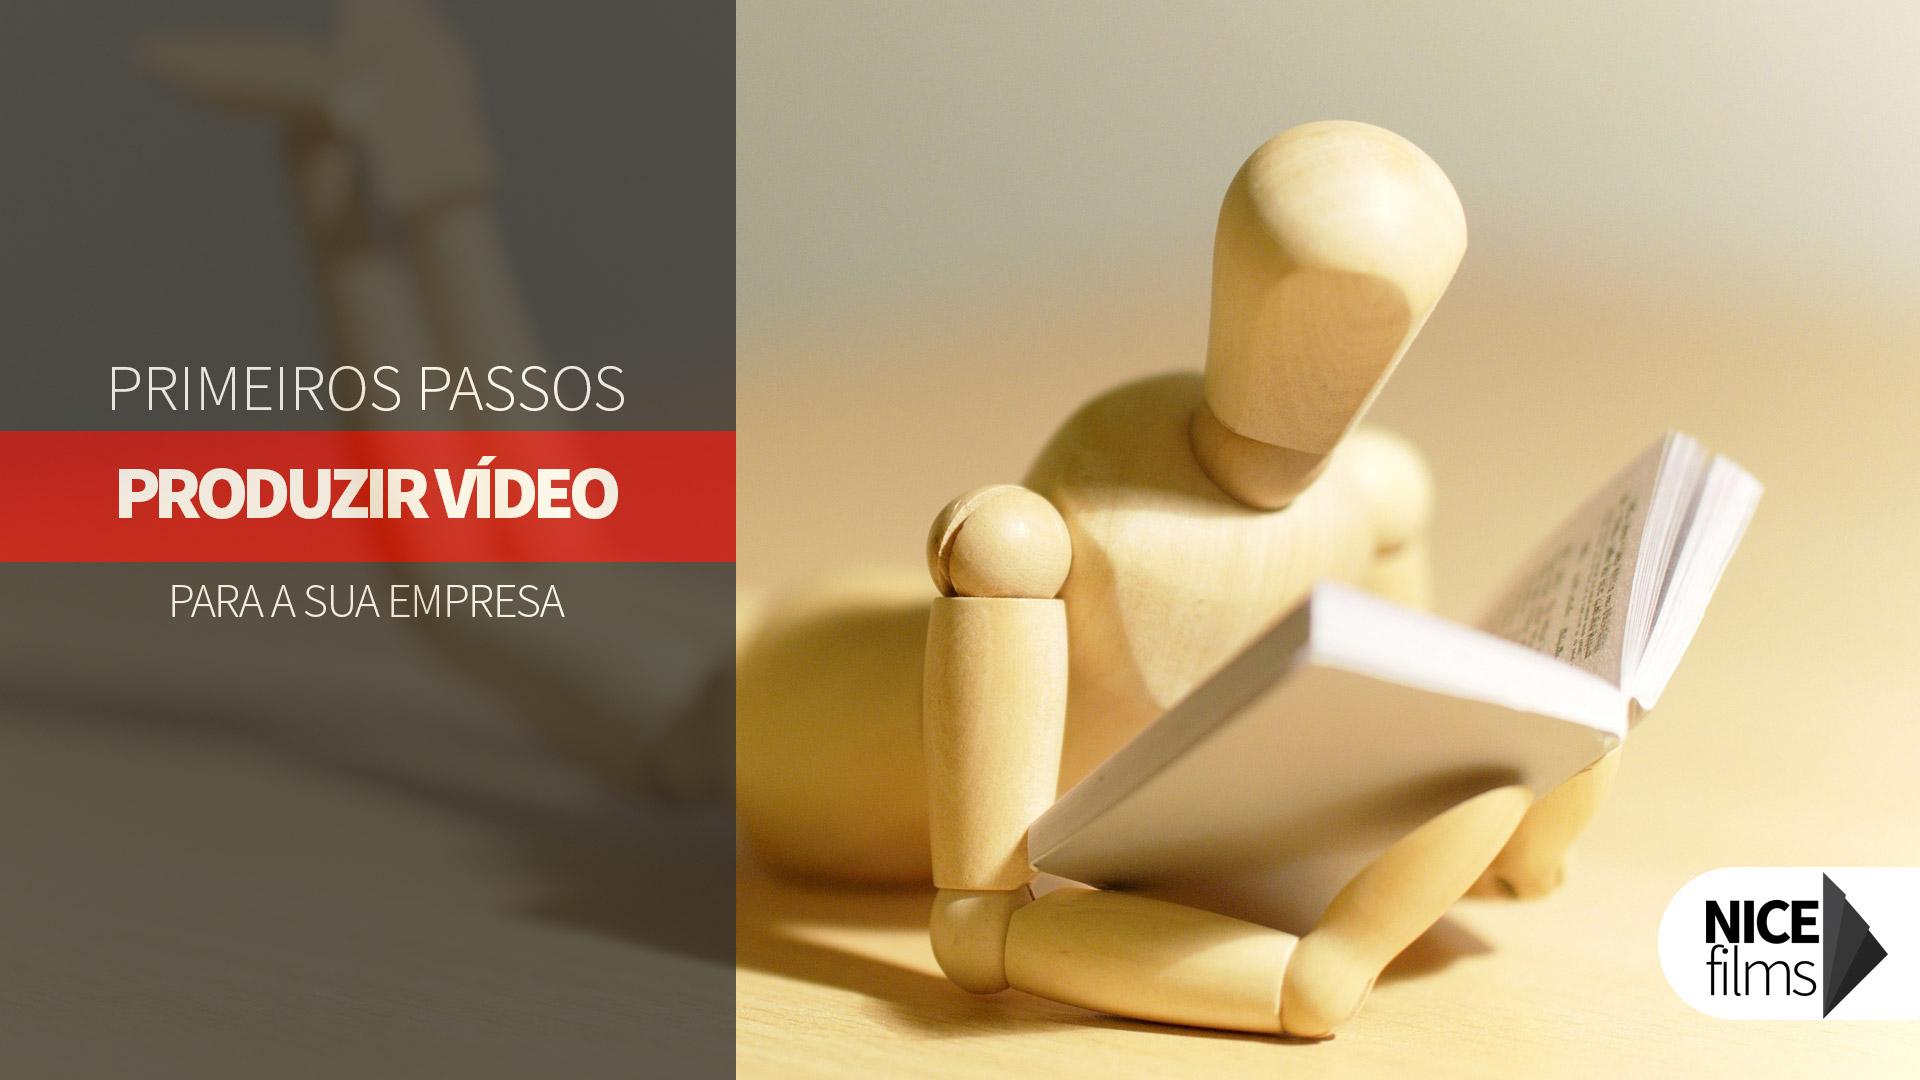 Primeiros passos para produzir vídeo